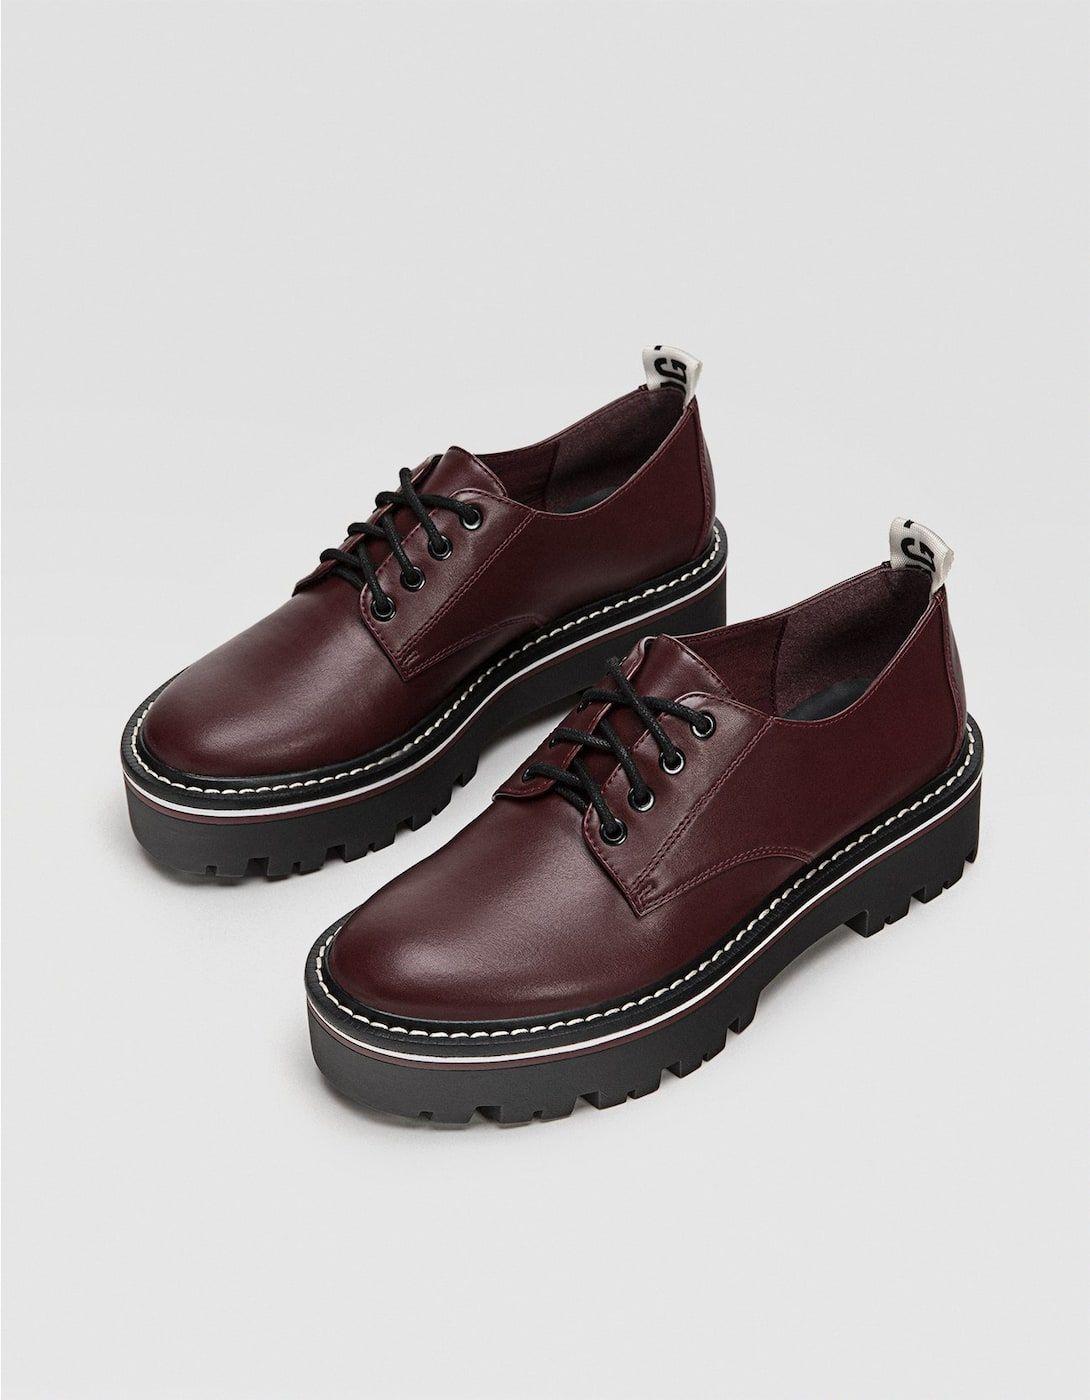 b659e83b Zapato blucher plataforma cordones granate - Todos de mujer | Stradivarius